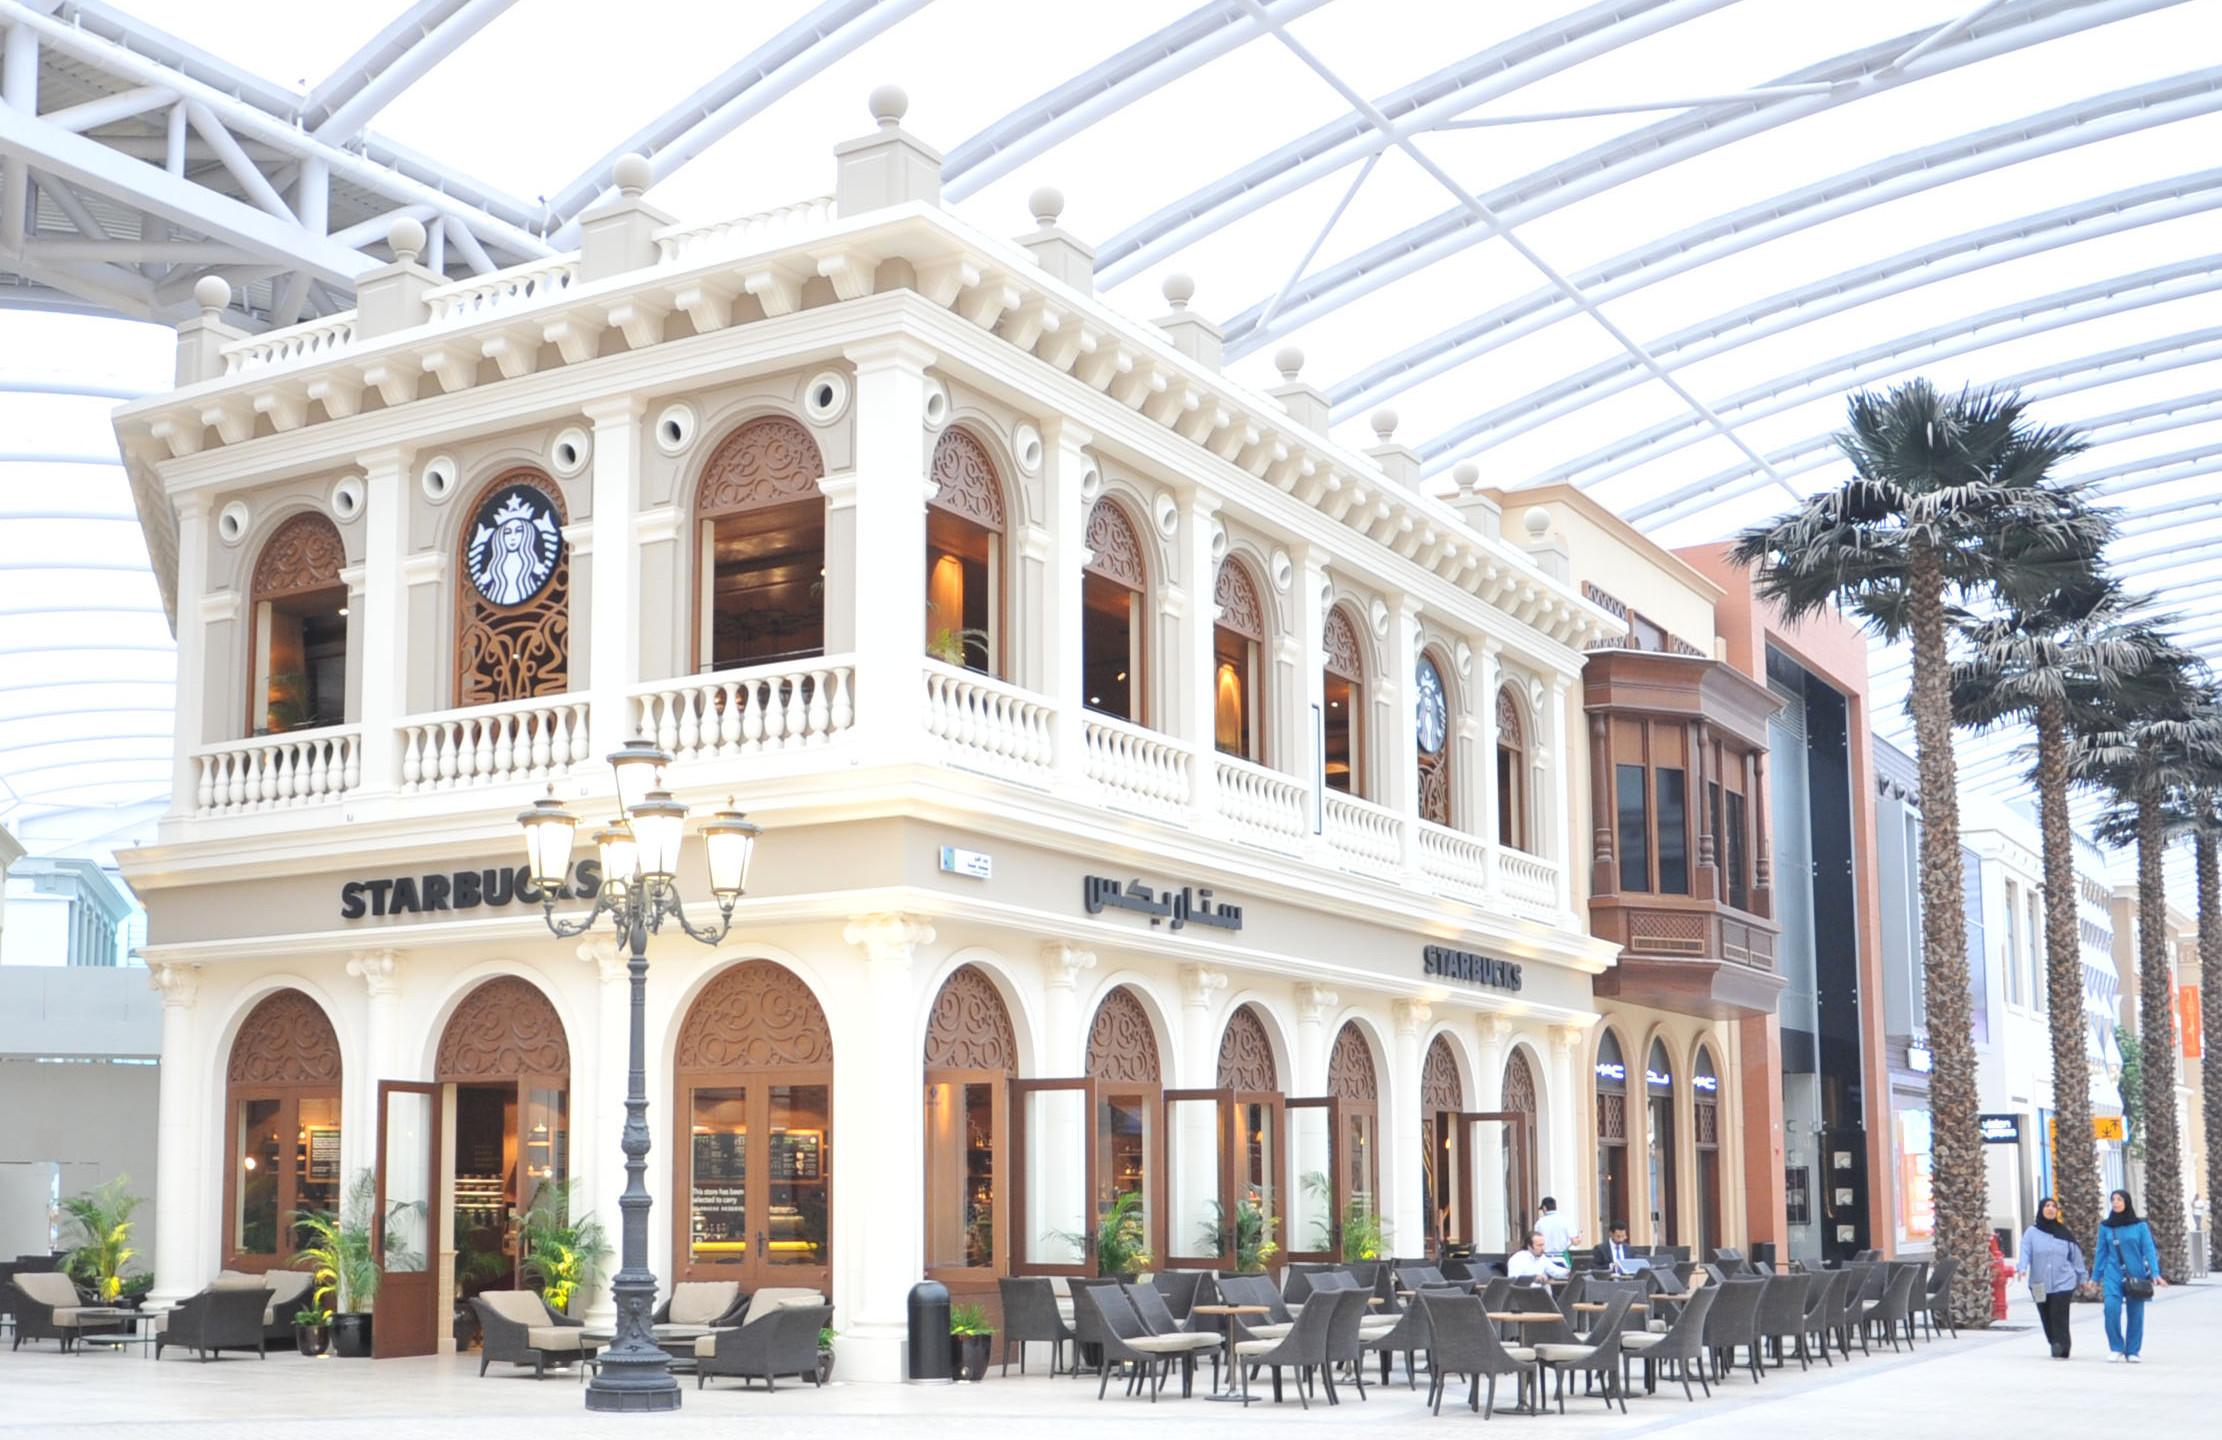 Starbucks Kuwait The Avenues